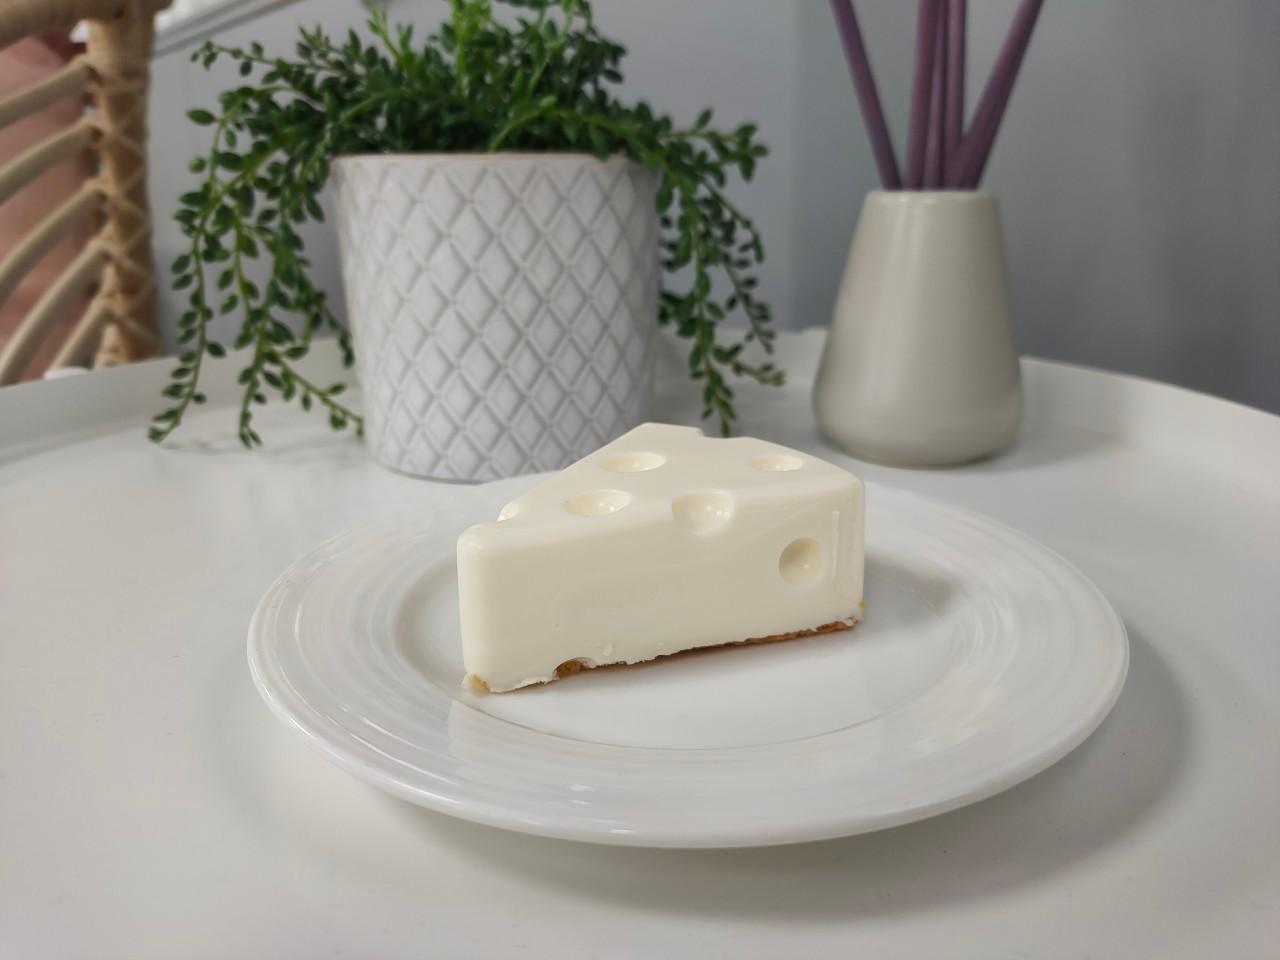 「全聯× kiri」聯手推出6款乳酪甜點!不只蛋糕超好吃,慕斯還真實還原起司本人 | 全聯,We Sweet,kiri,法式 ...